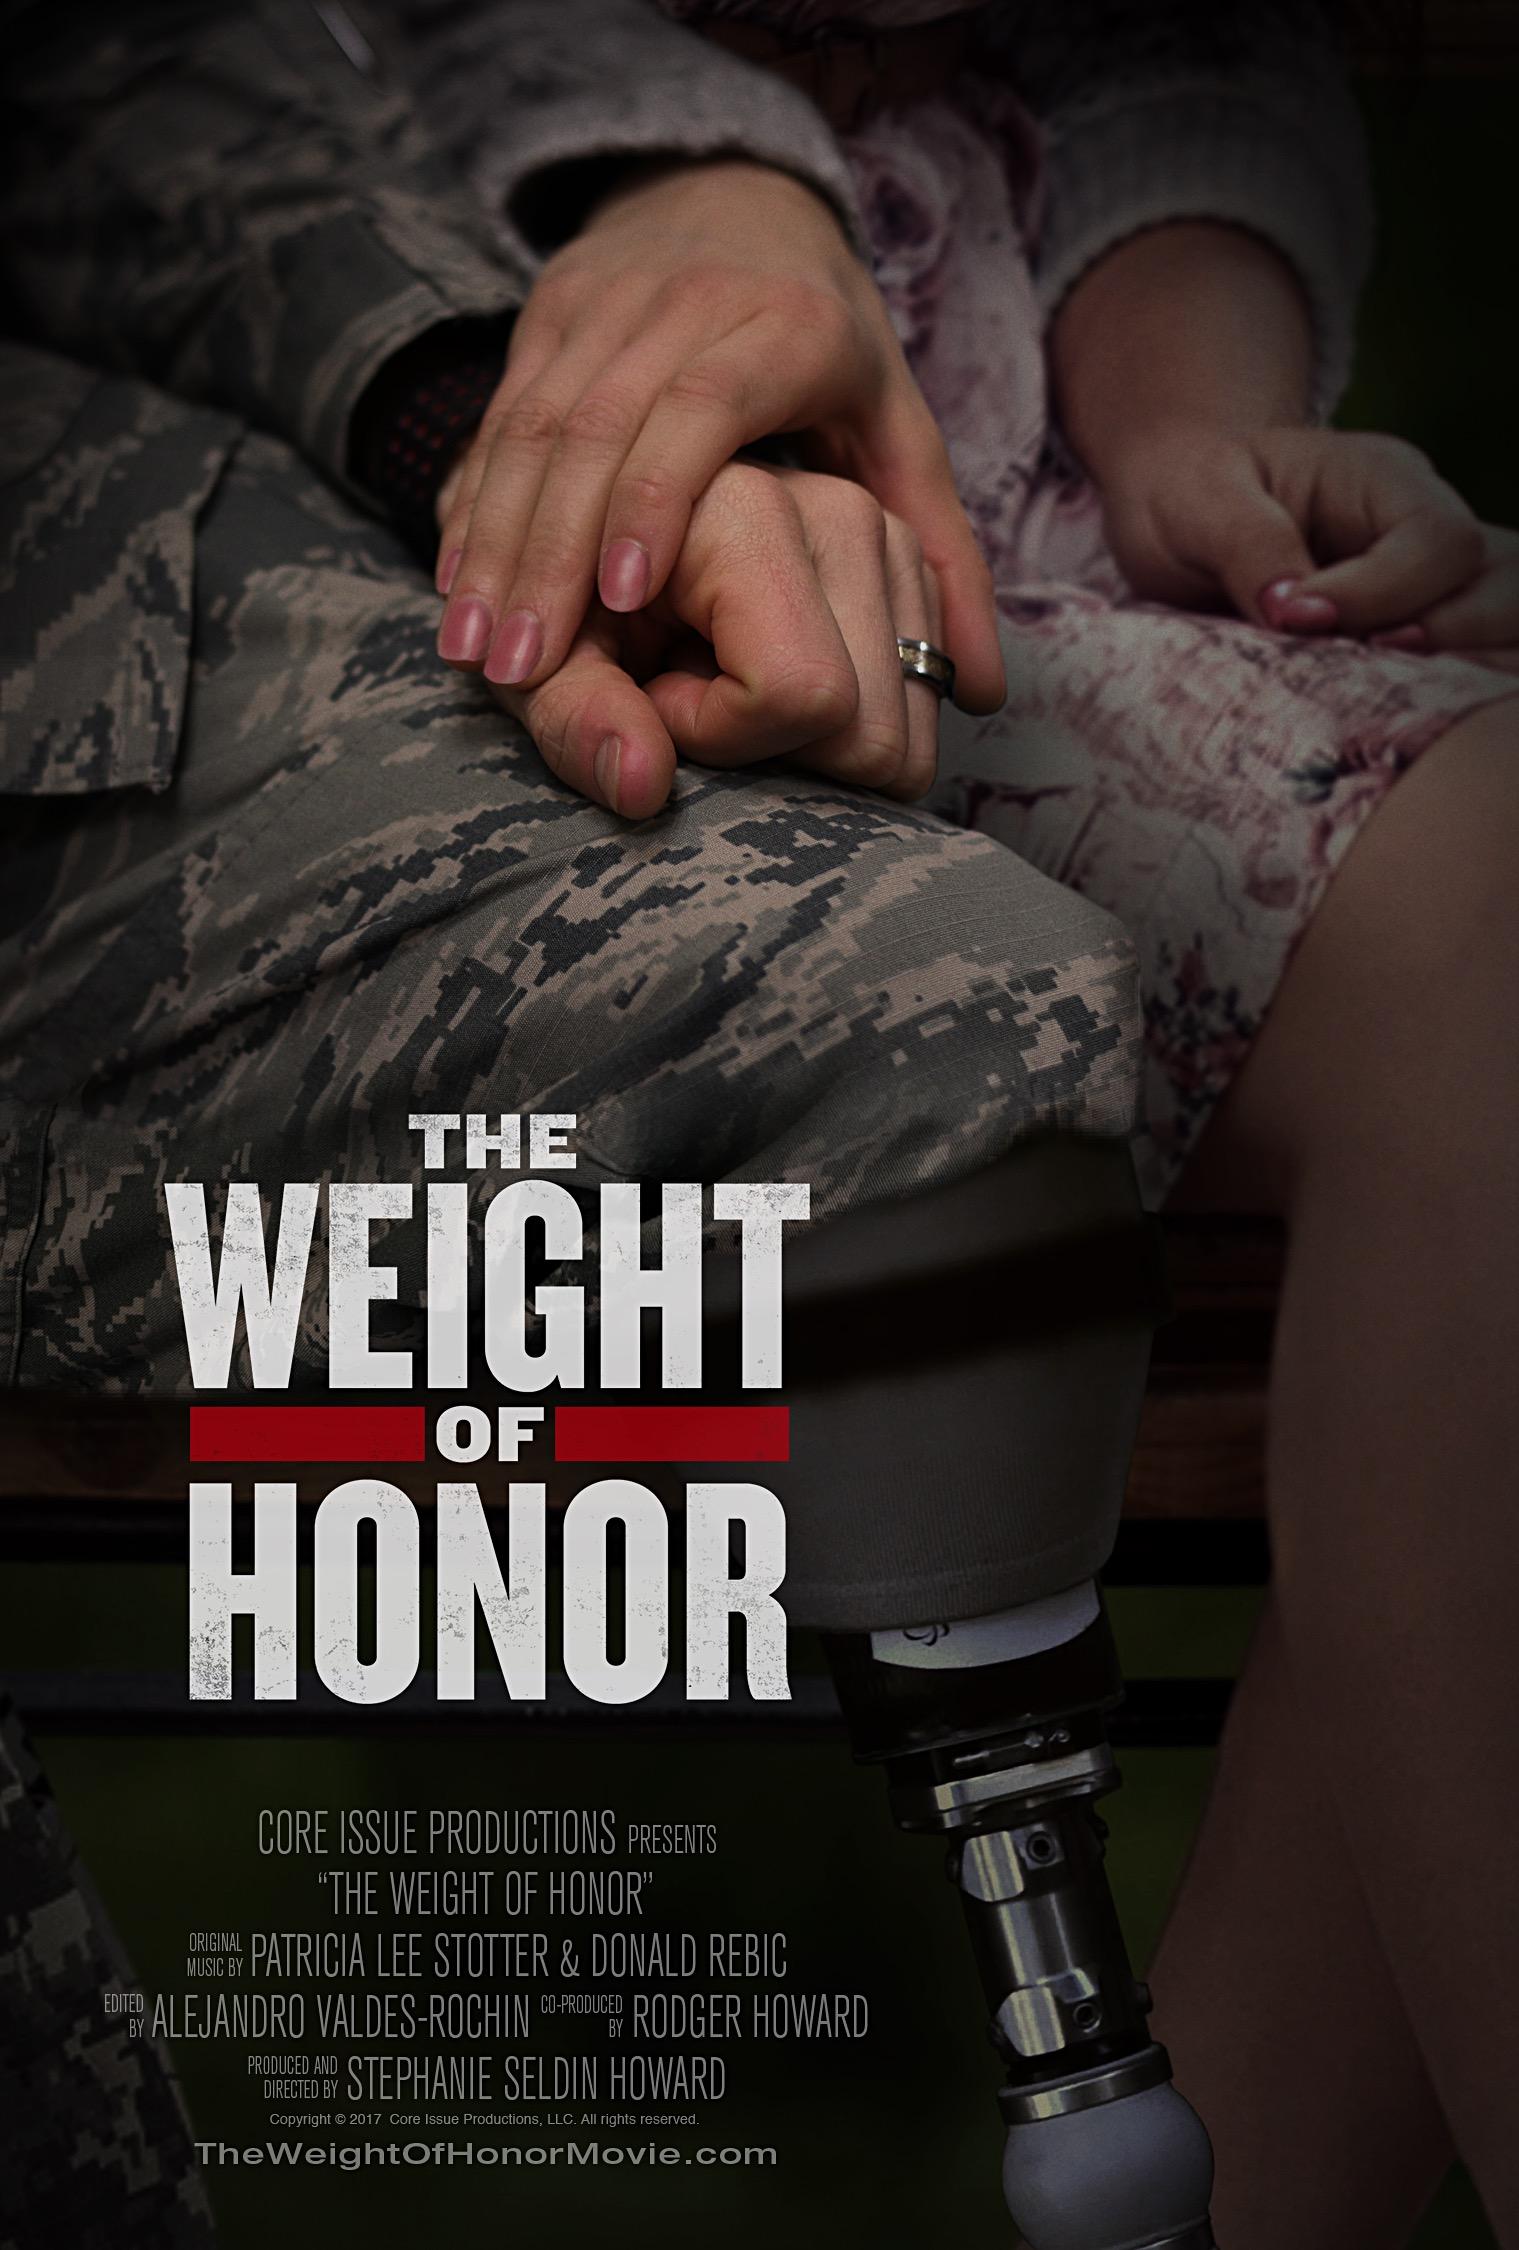 Springfield Missouri Weight of Honor Movie Screening